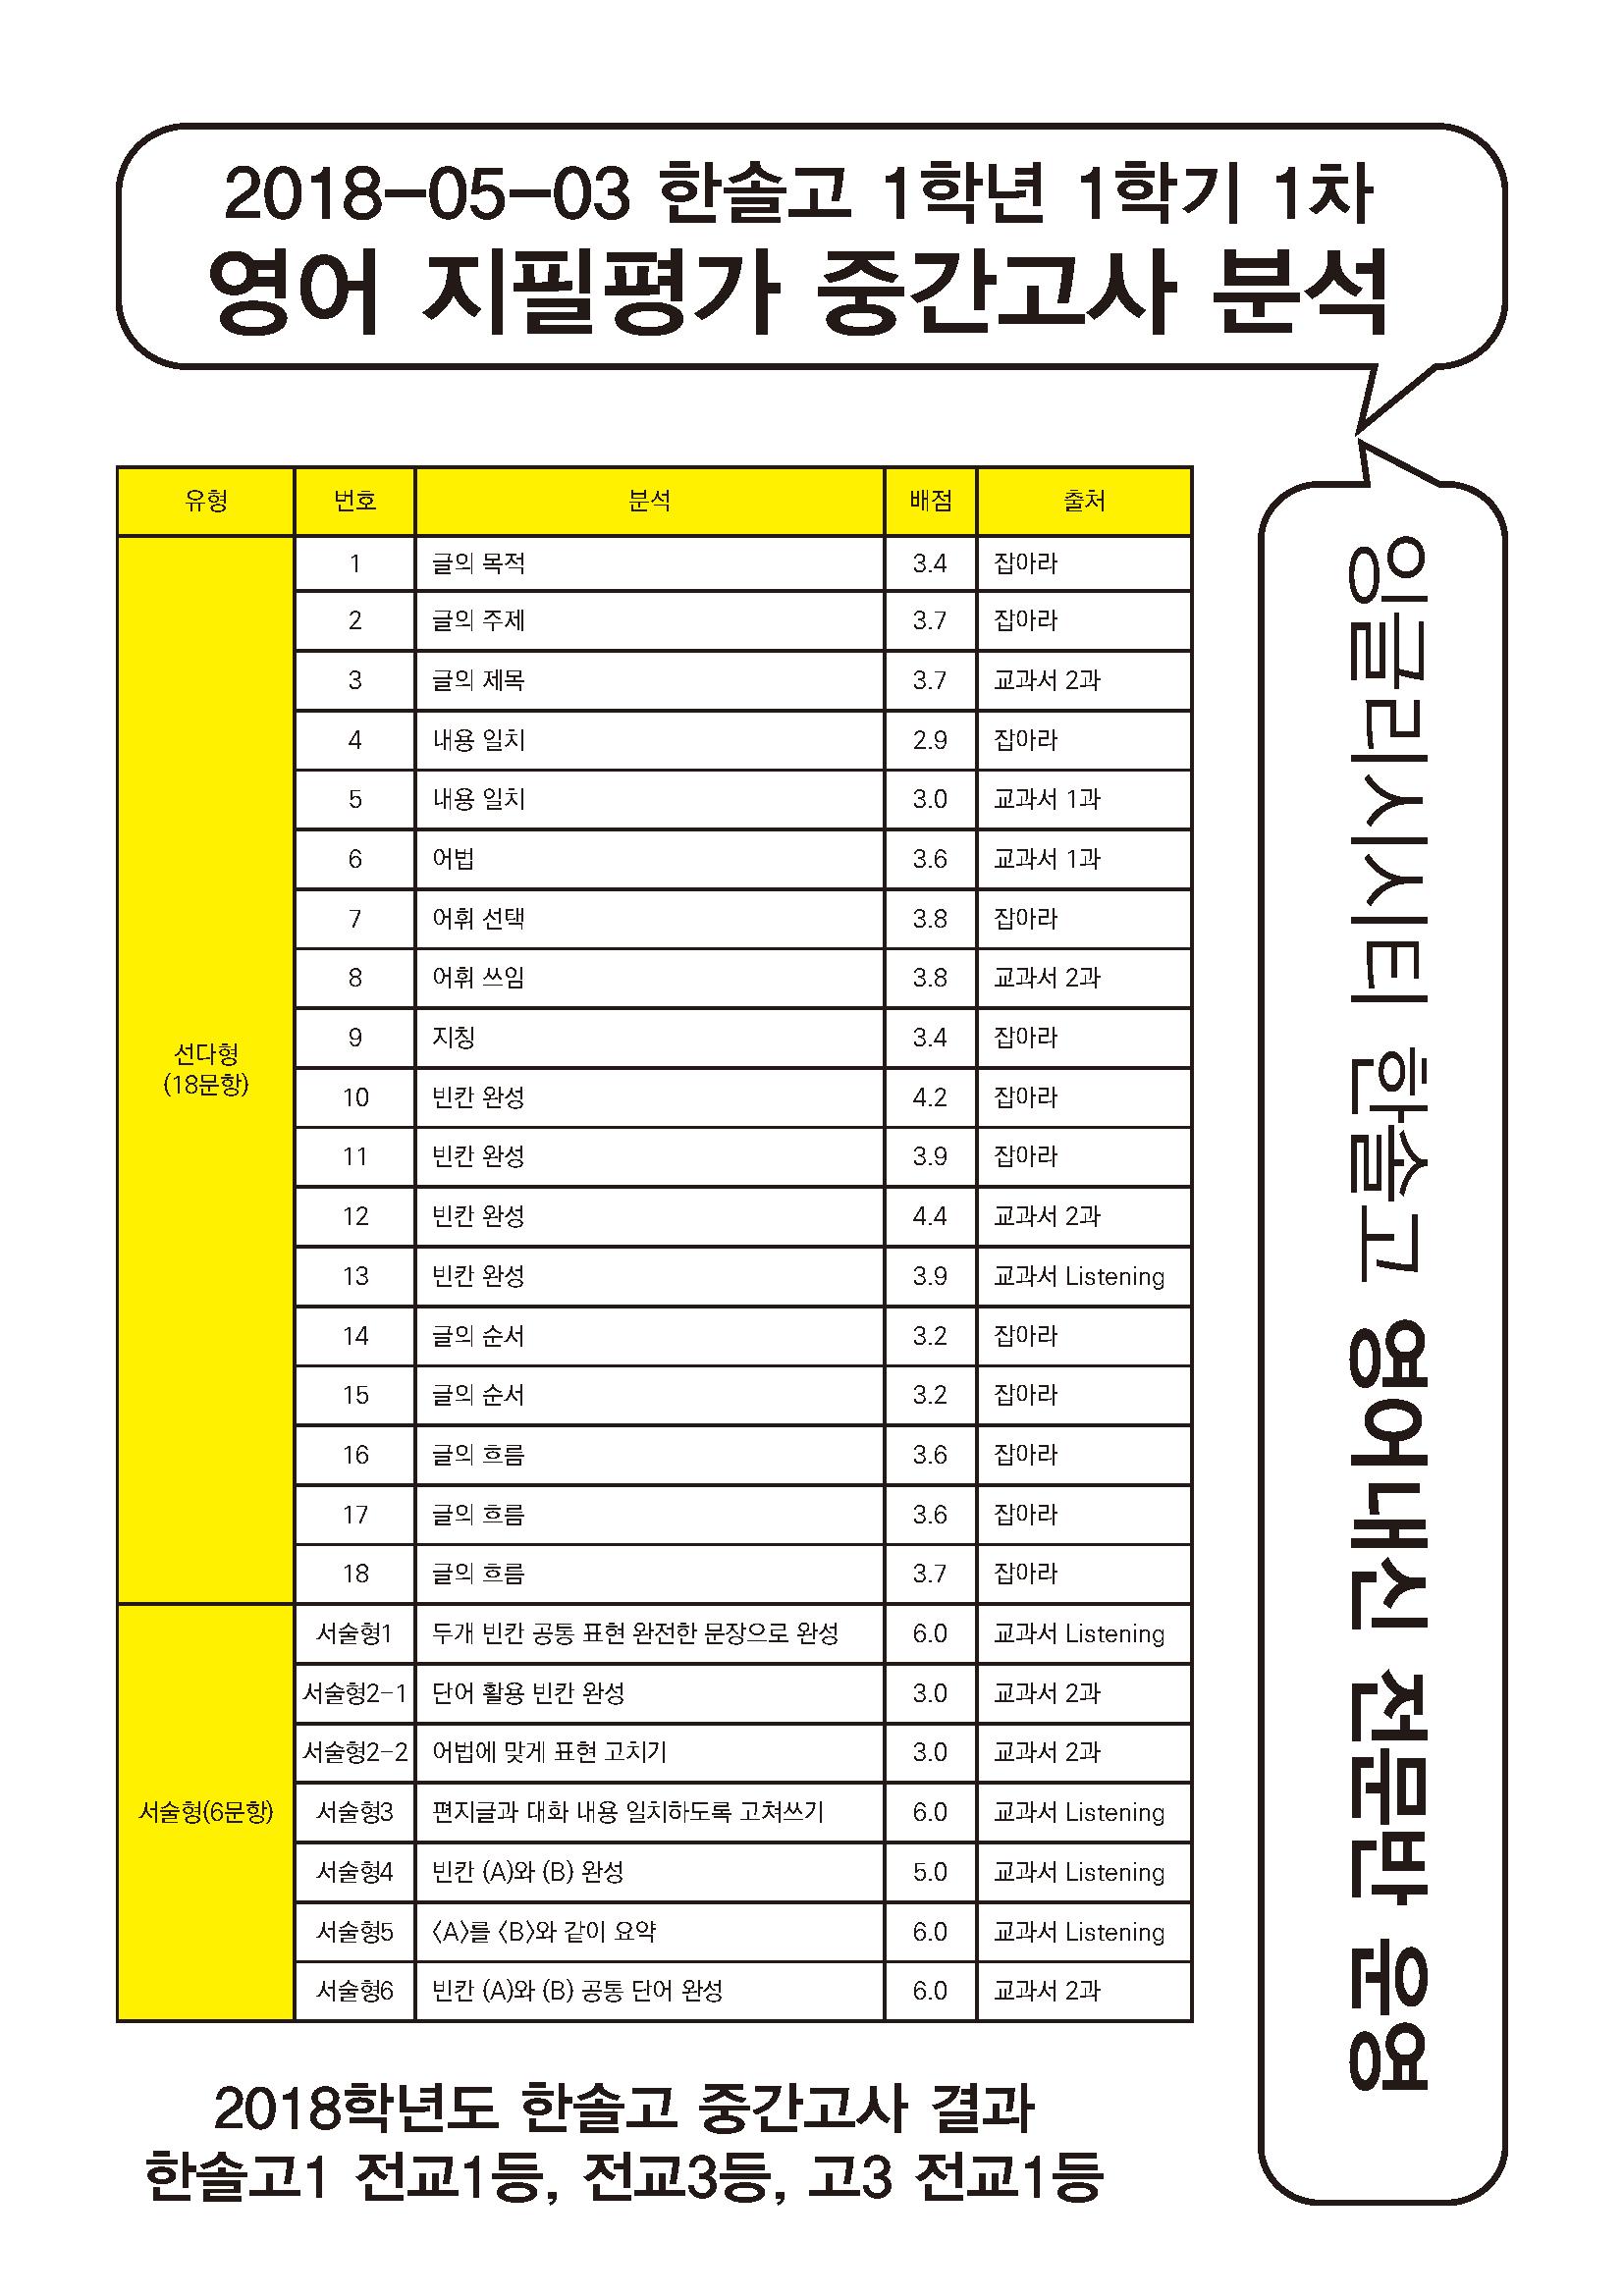 2018-05-03 고1-1 중간고사결과 (2019광고용).png